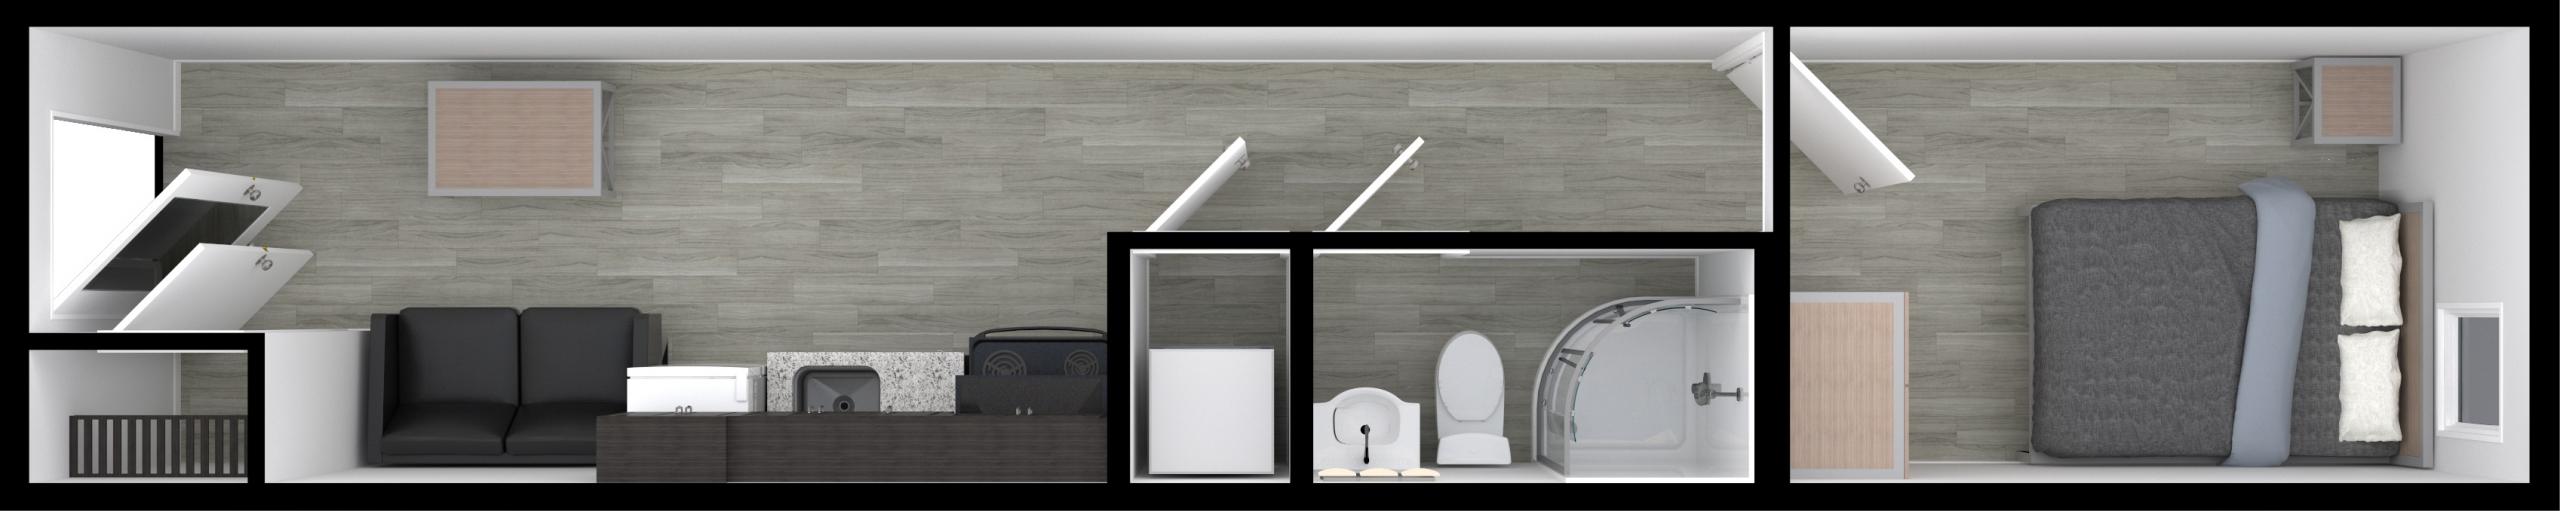 NOW Housing - Studio for modular living